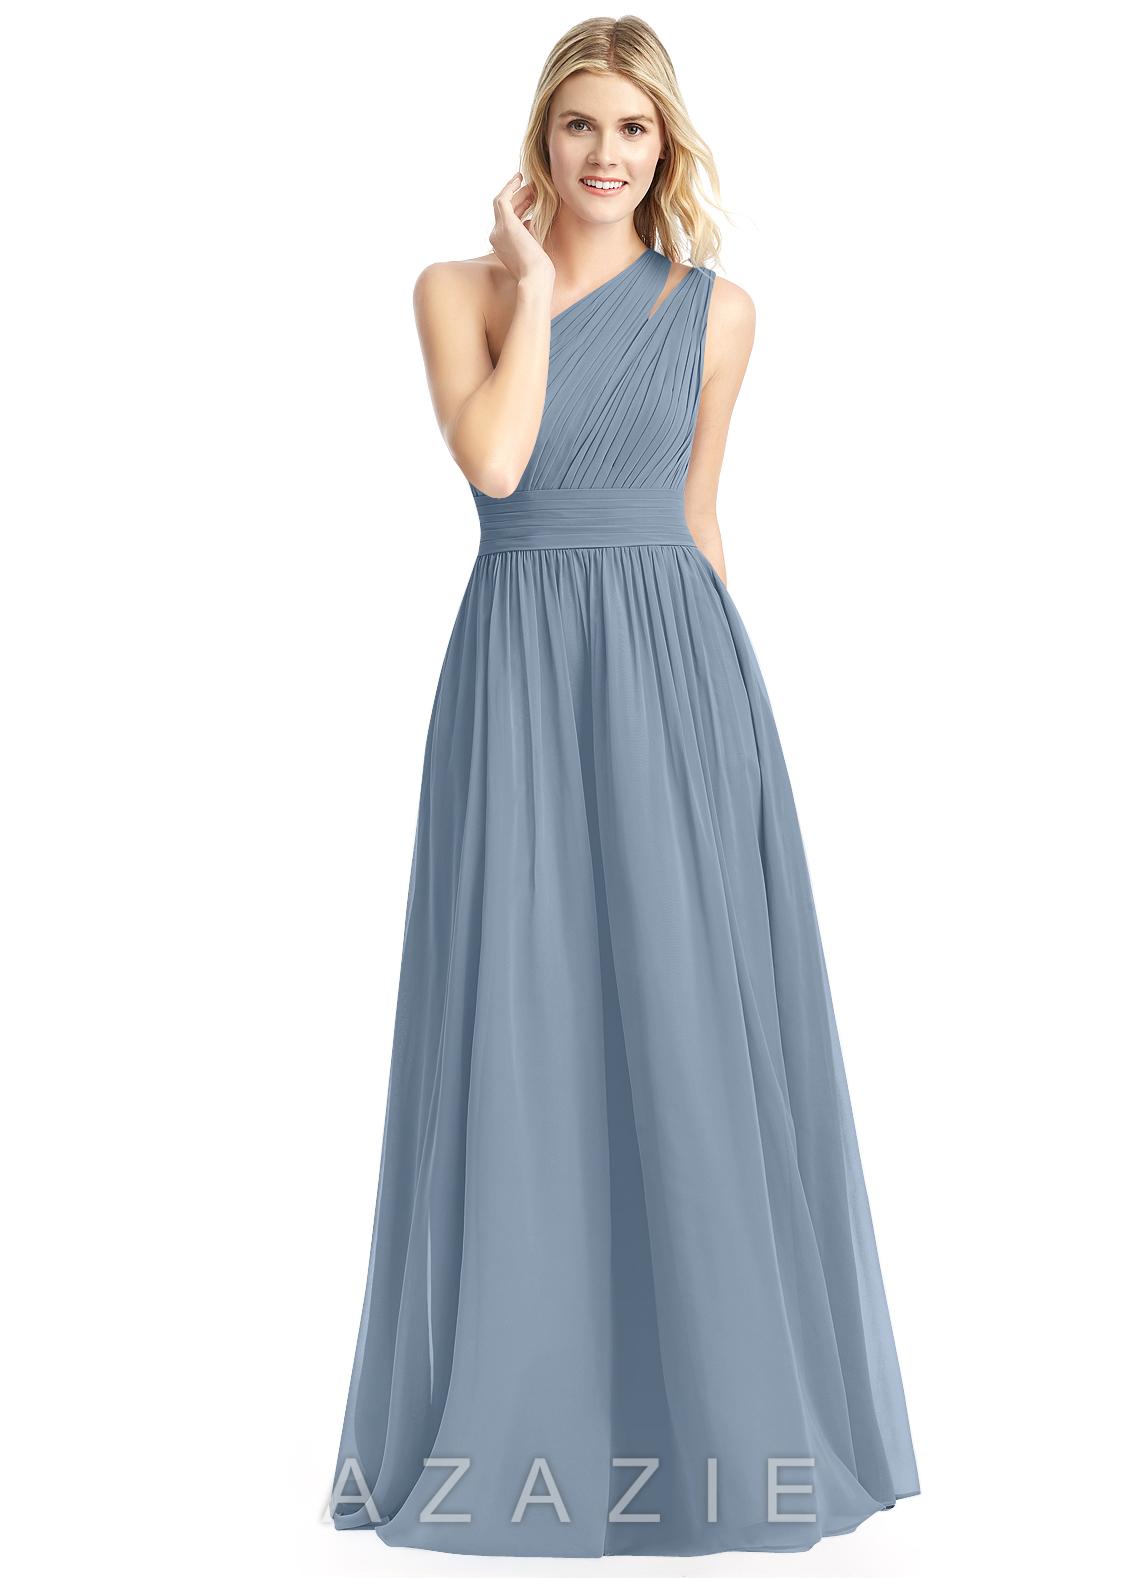 3b71fb6176f Azazie Molly Bridesmaid Dress - Dusty Blue